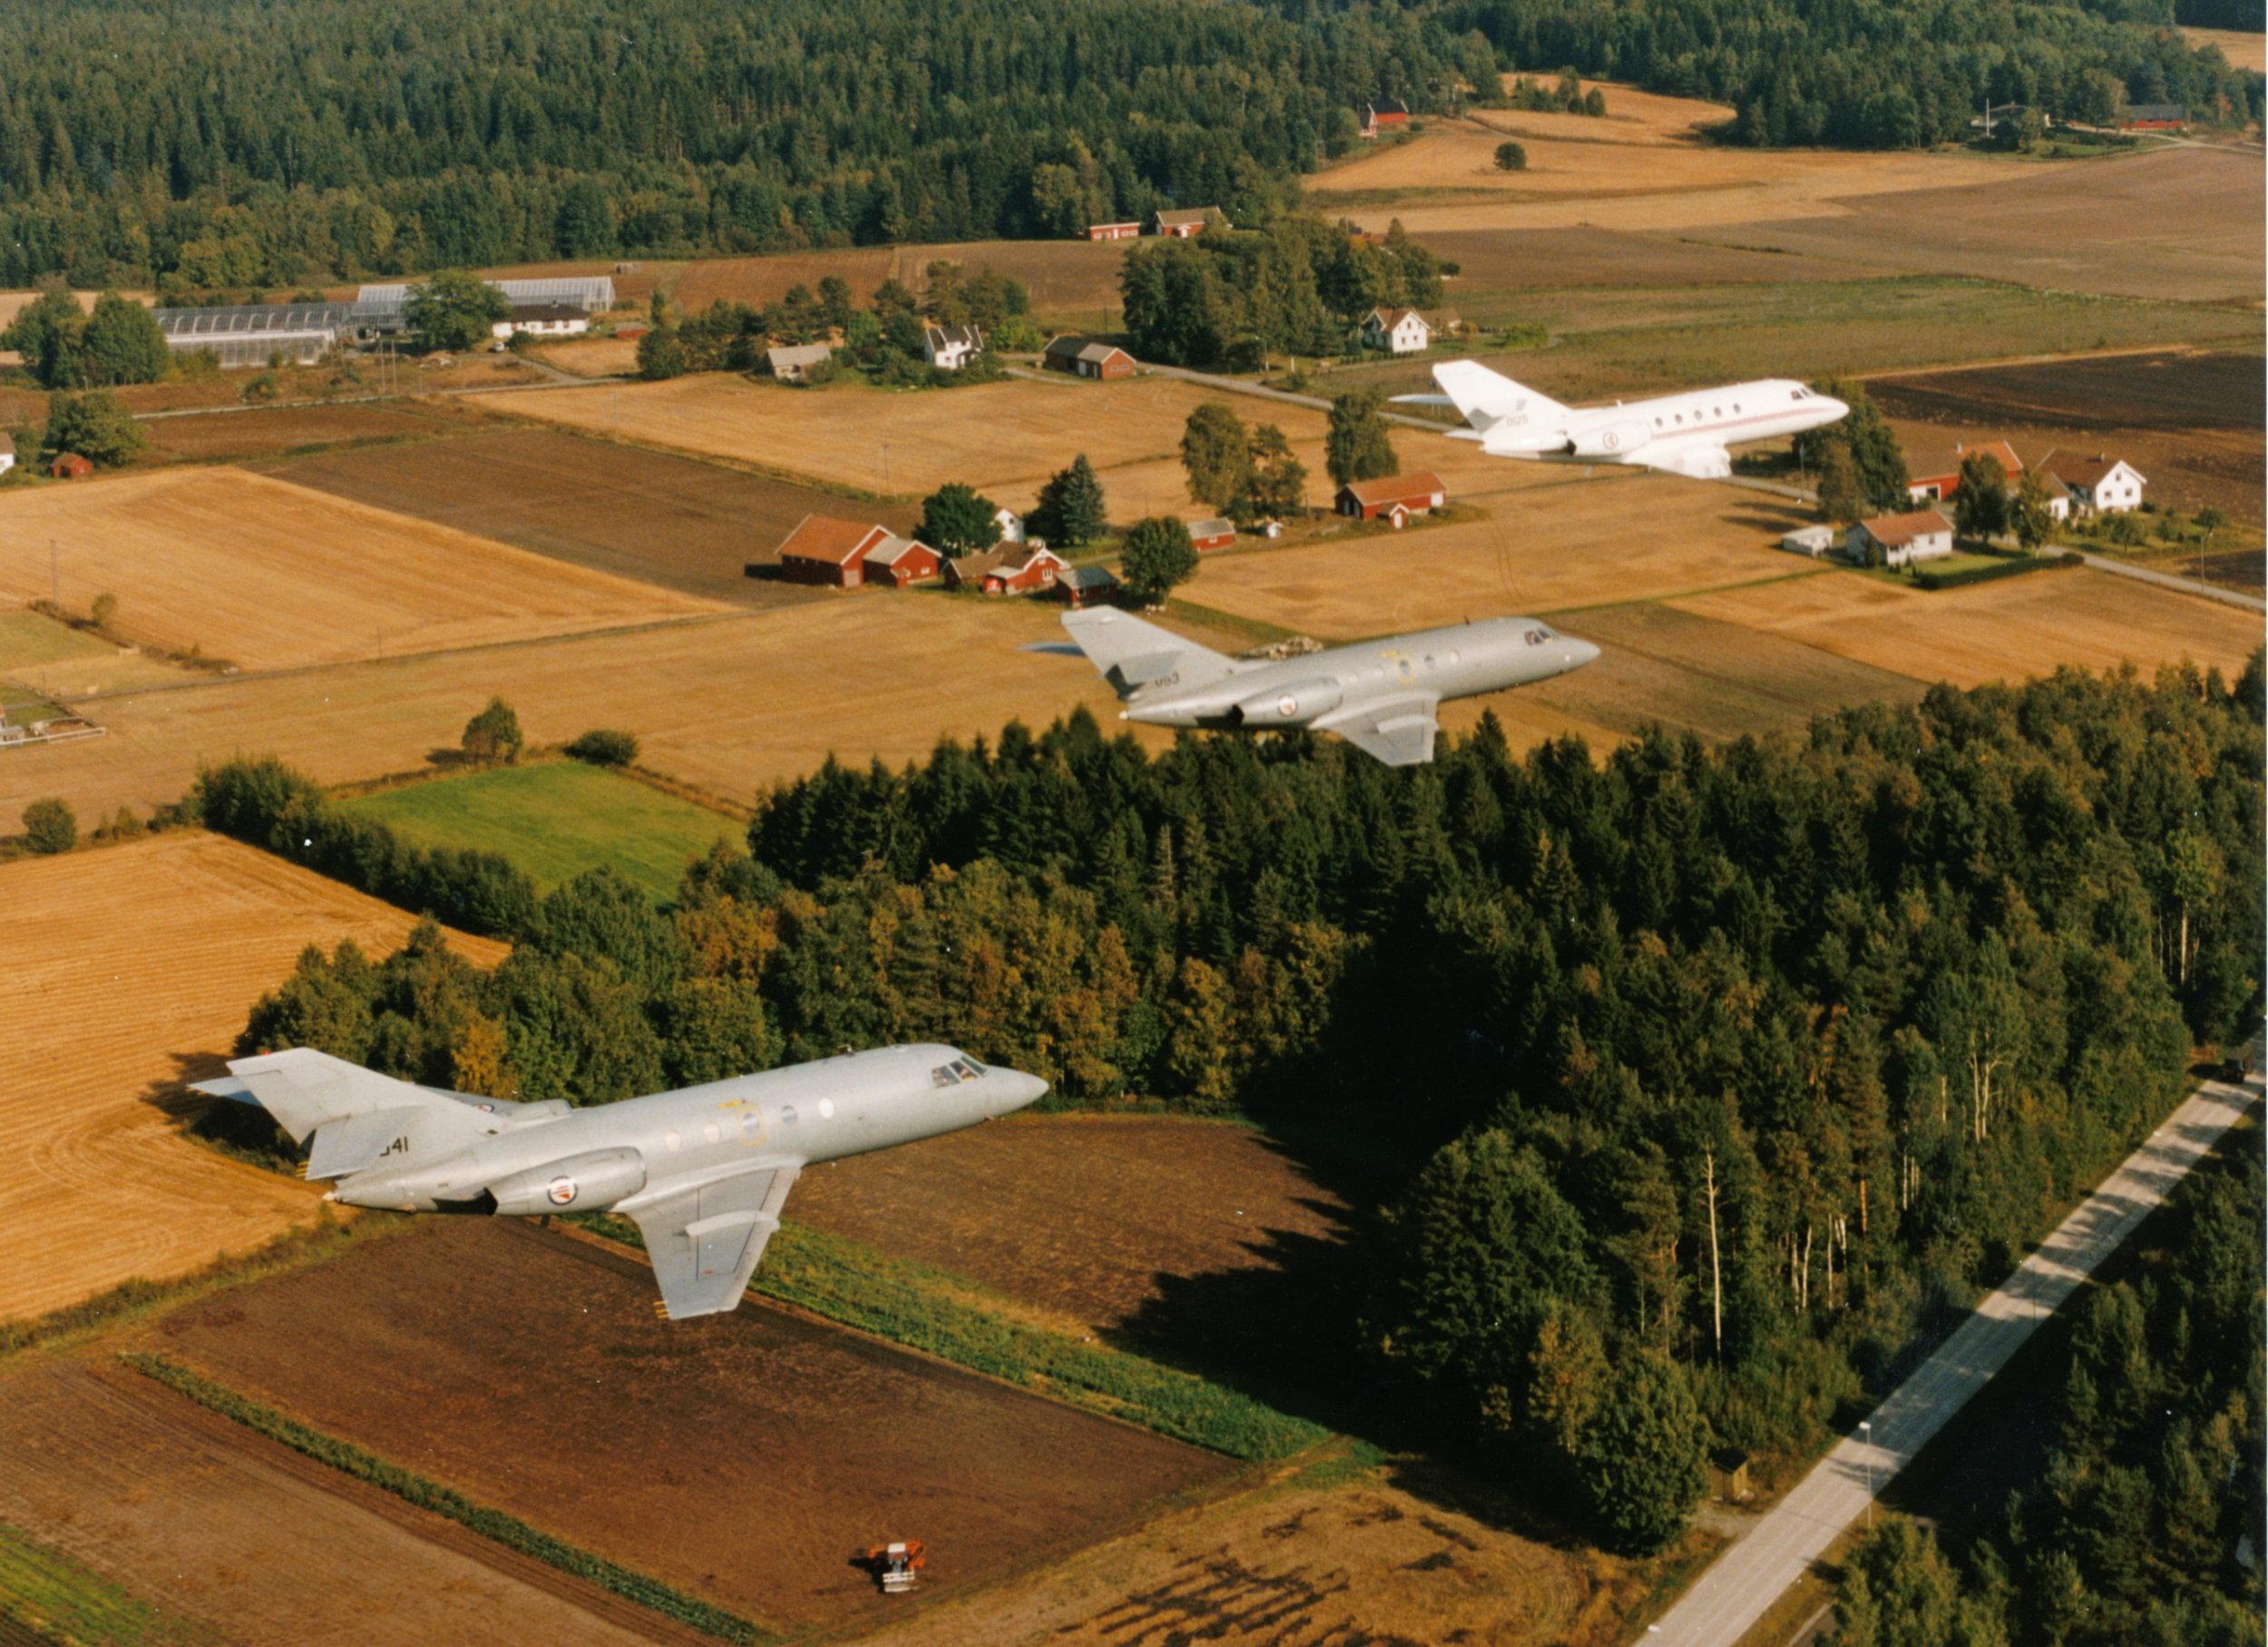 DA20 Falcon                                                                                                       Foto Torgeir Vognild, Rygge hovedflystasjon